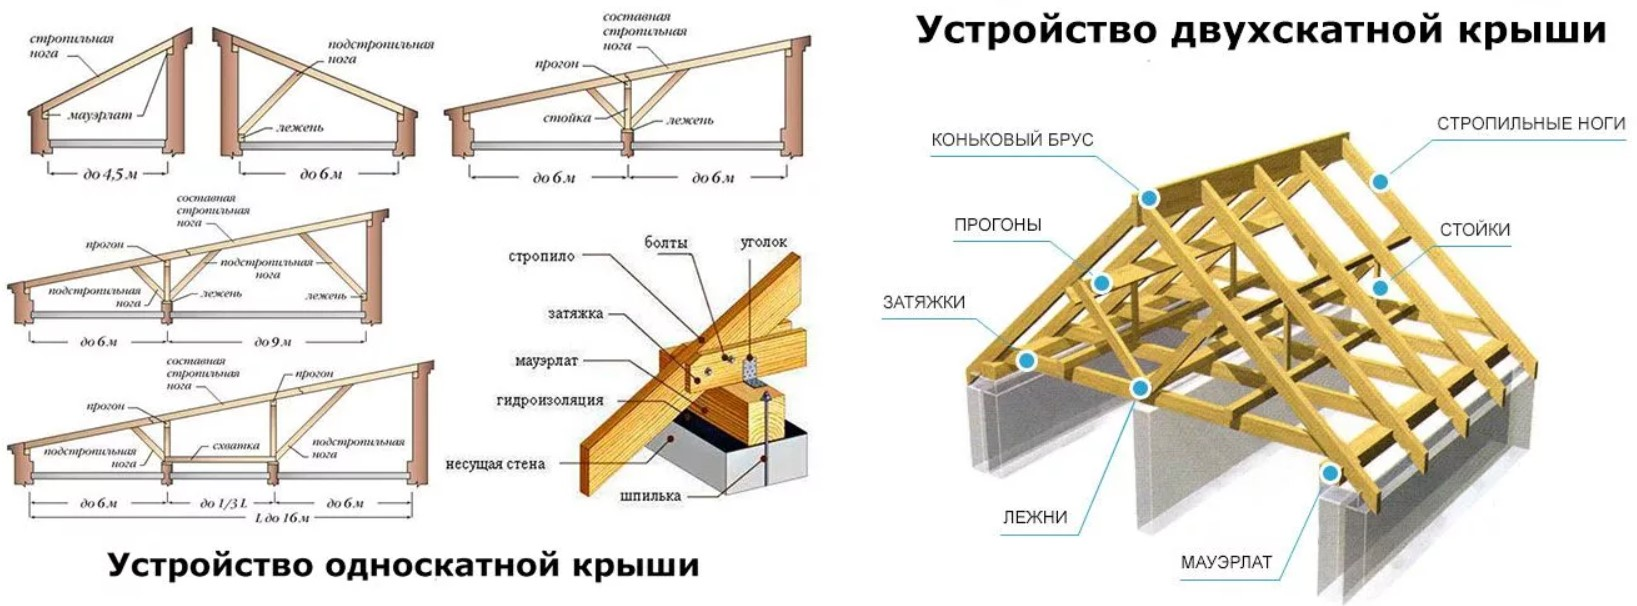 Схема устройства скатной крыши